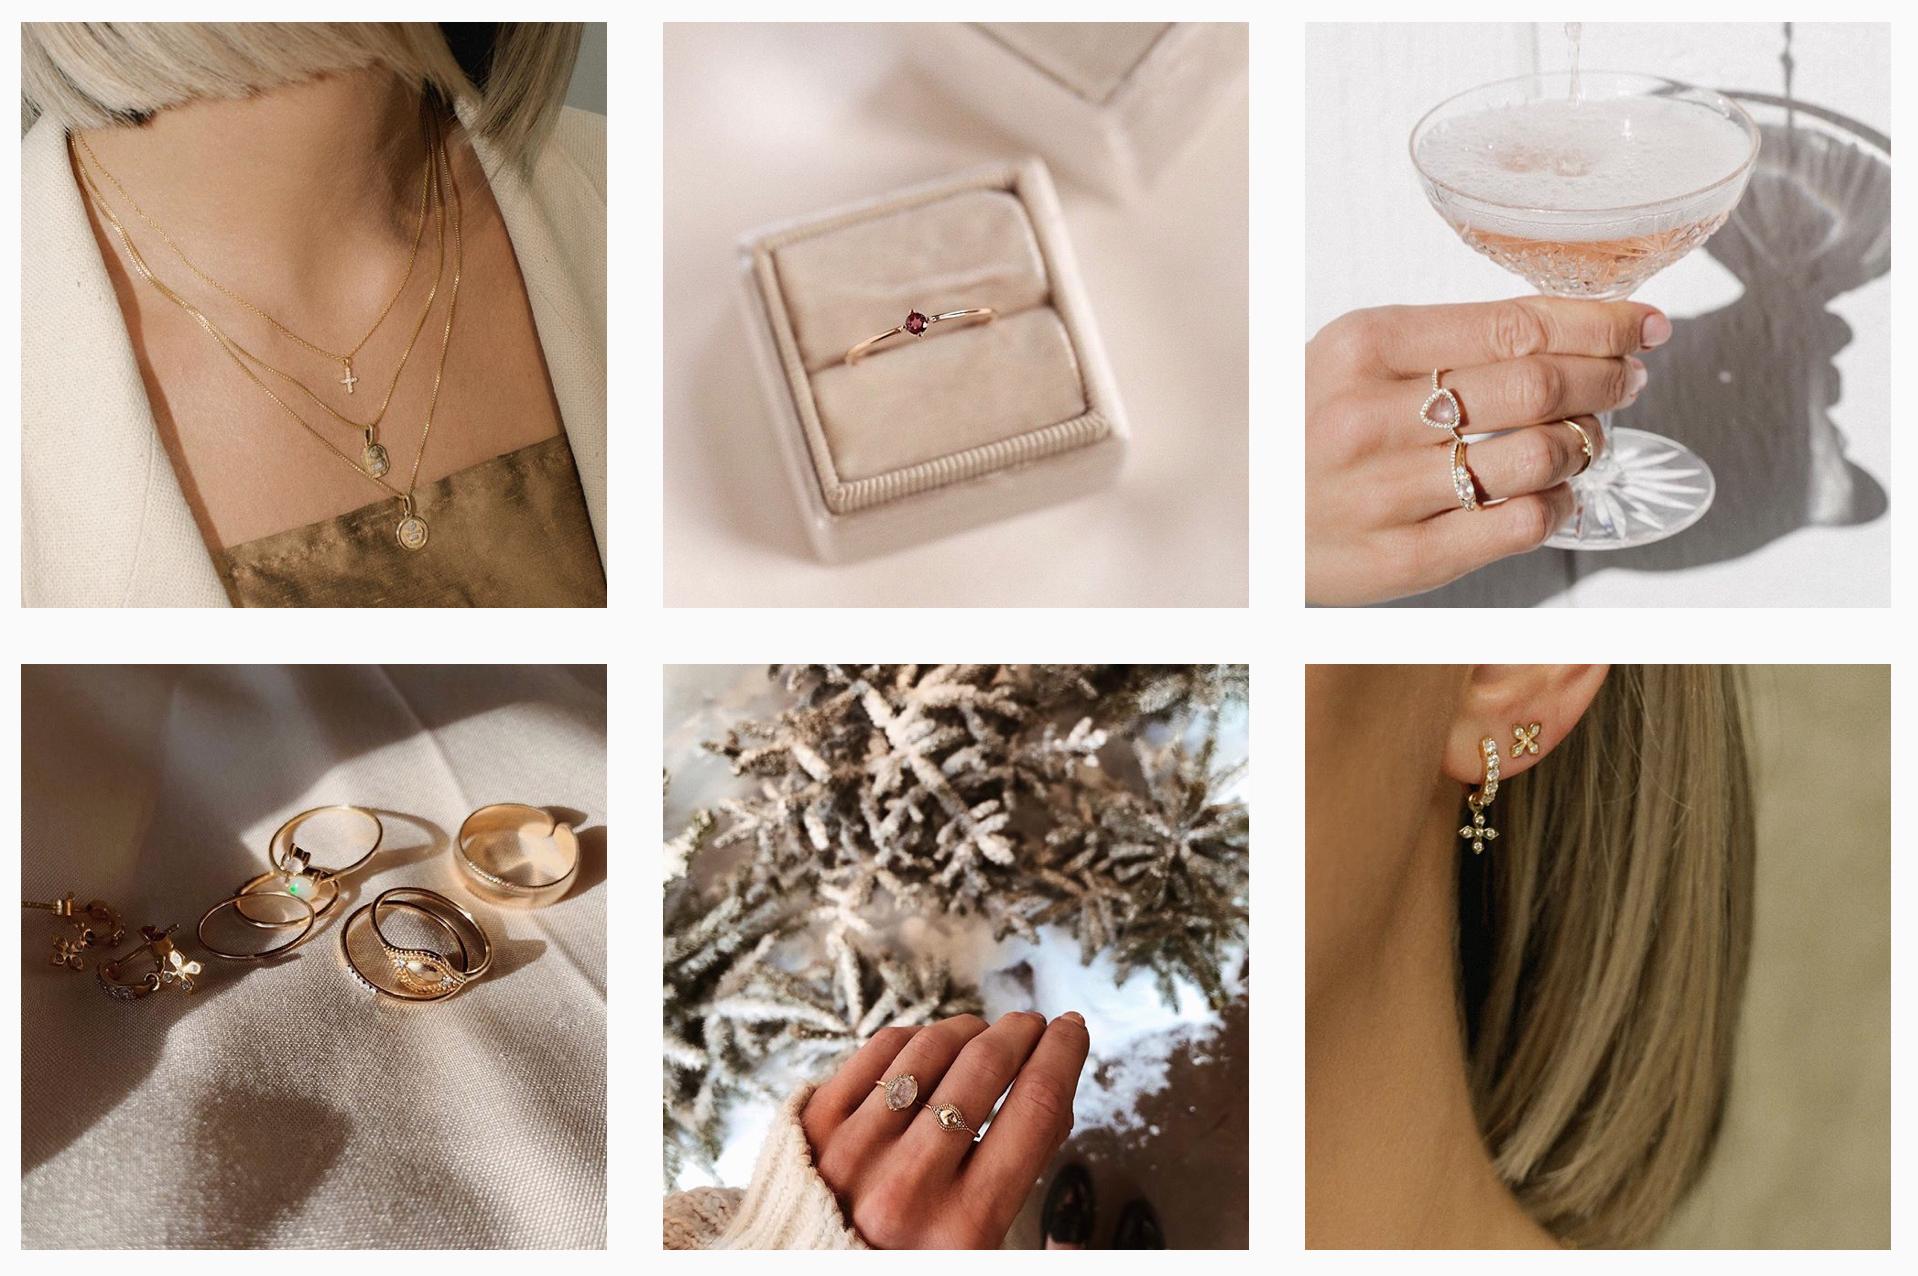 Leah-alexandra-jewelry.jpeg